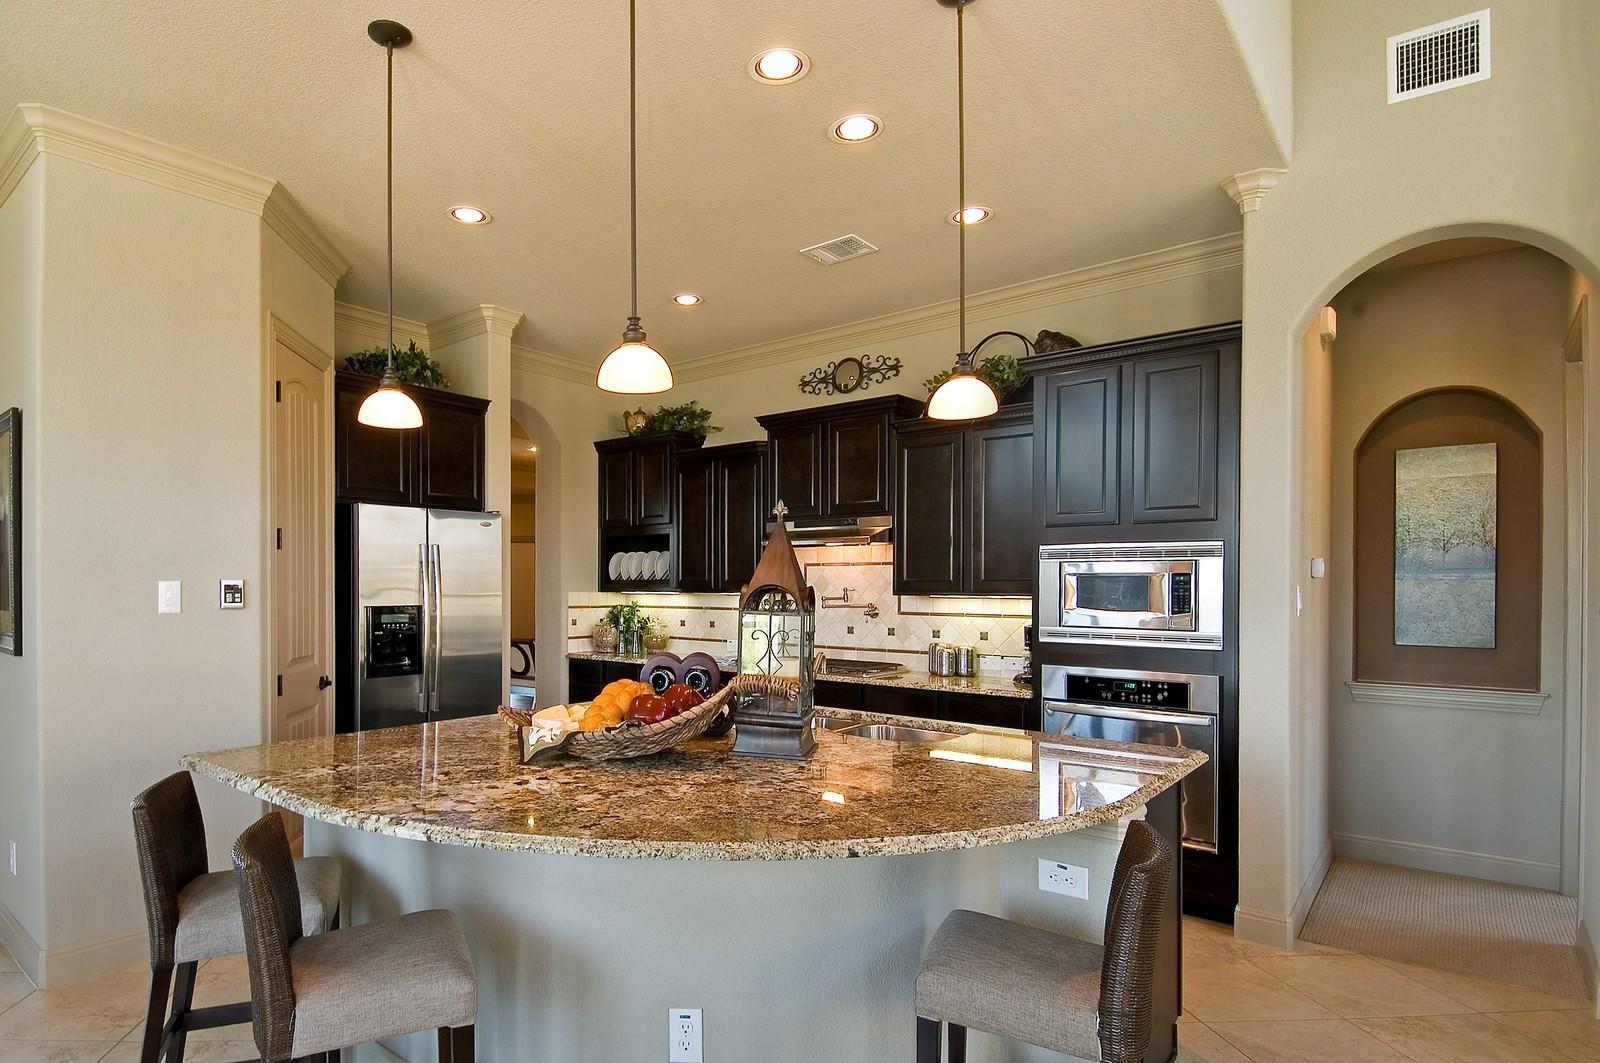 Стены на кухне в американском стиле лишены какого-либо декора, их просто окрашивают в светлые цвета